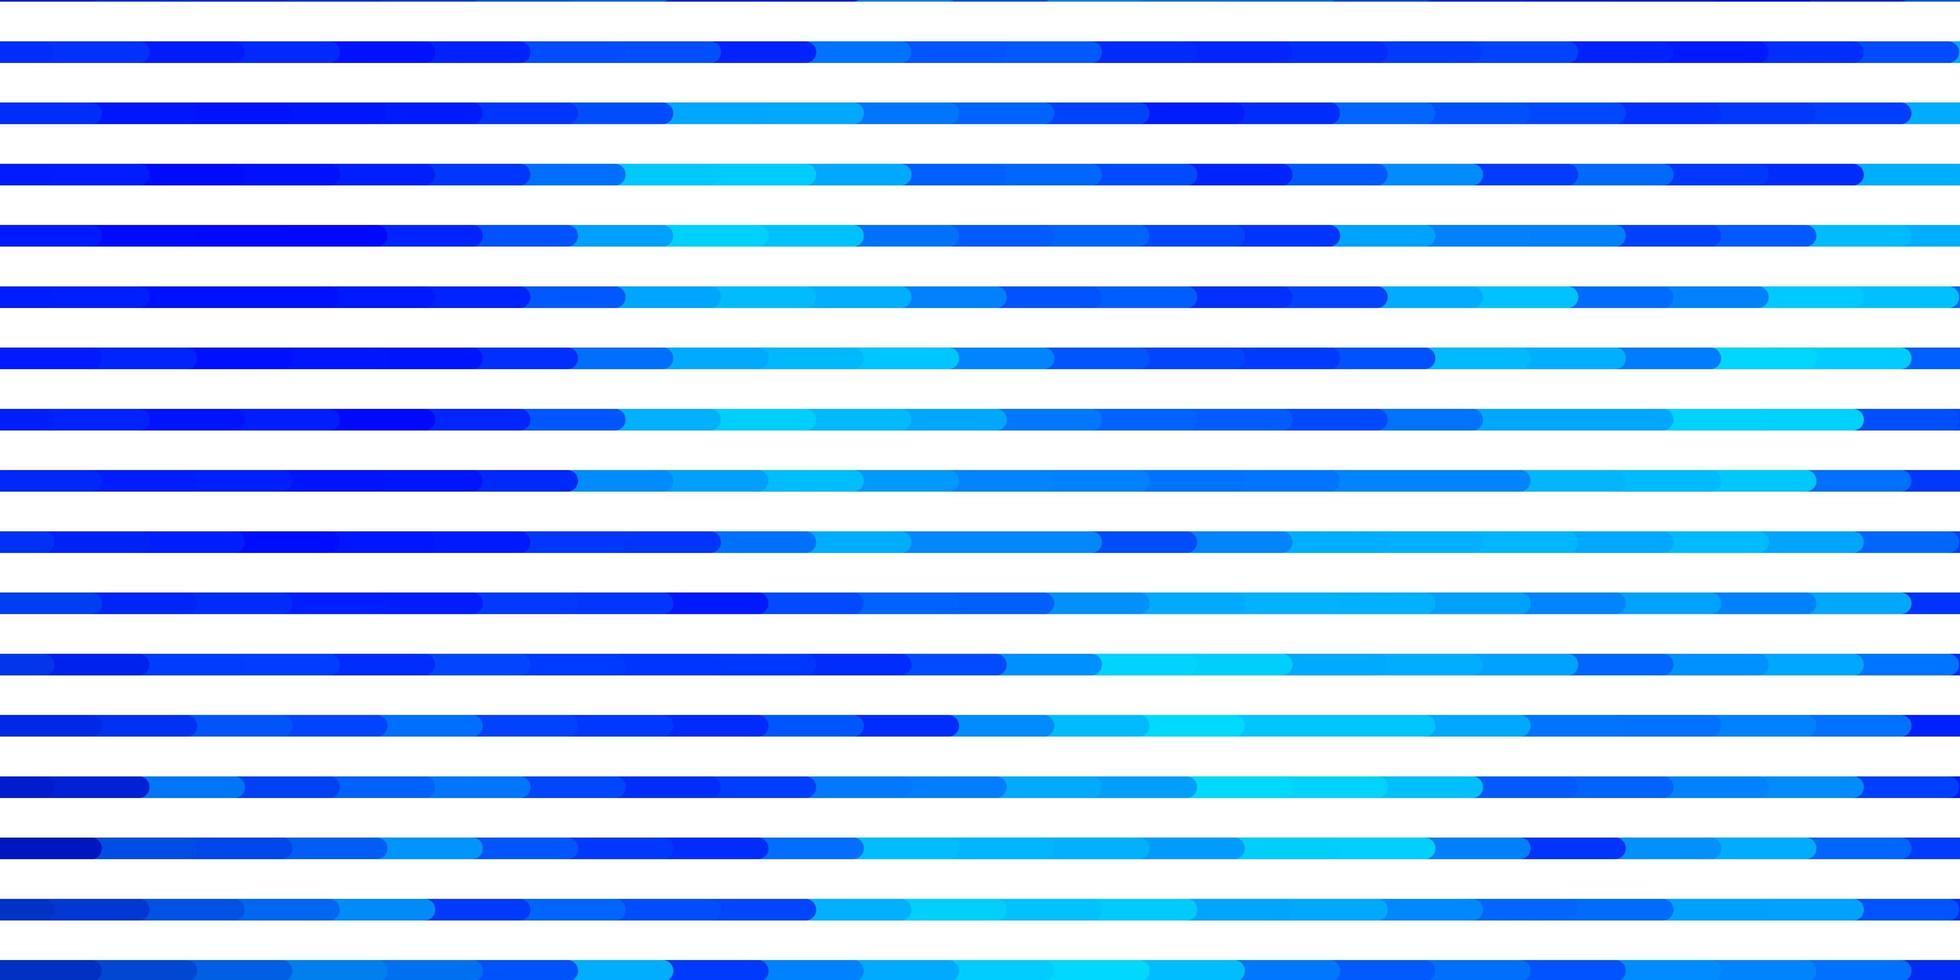 modèle vectoriel bleu clair avec des lignes.